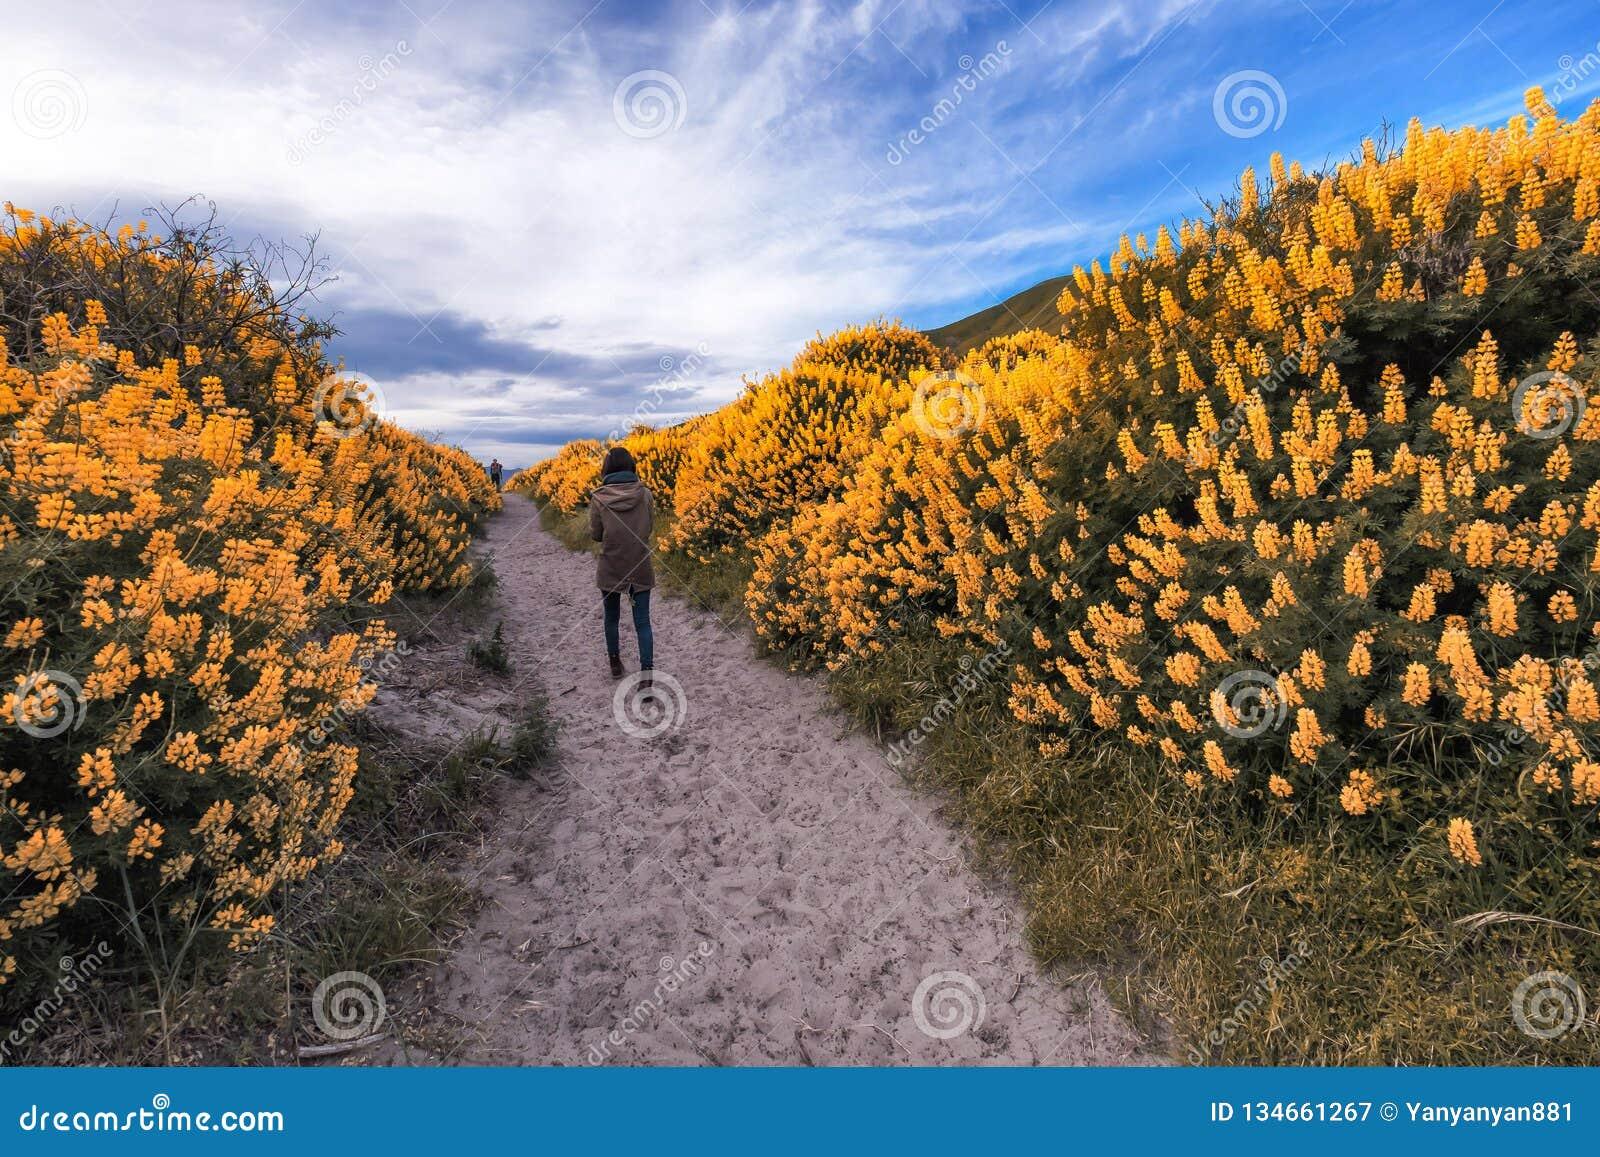 Eenzaam meisje die langs een lange smalle die weg lopen door lange struiken met gele struiklupine wordt omringd